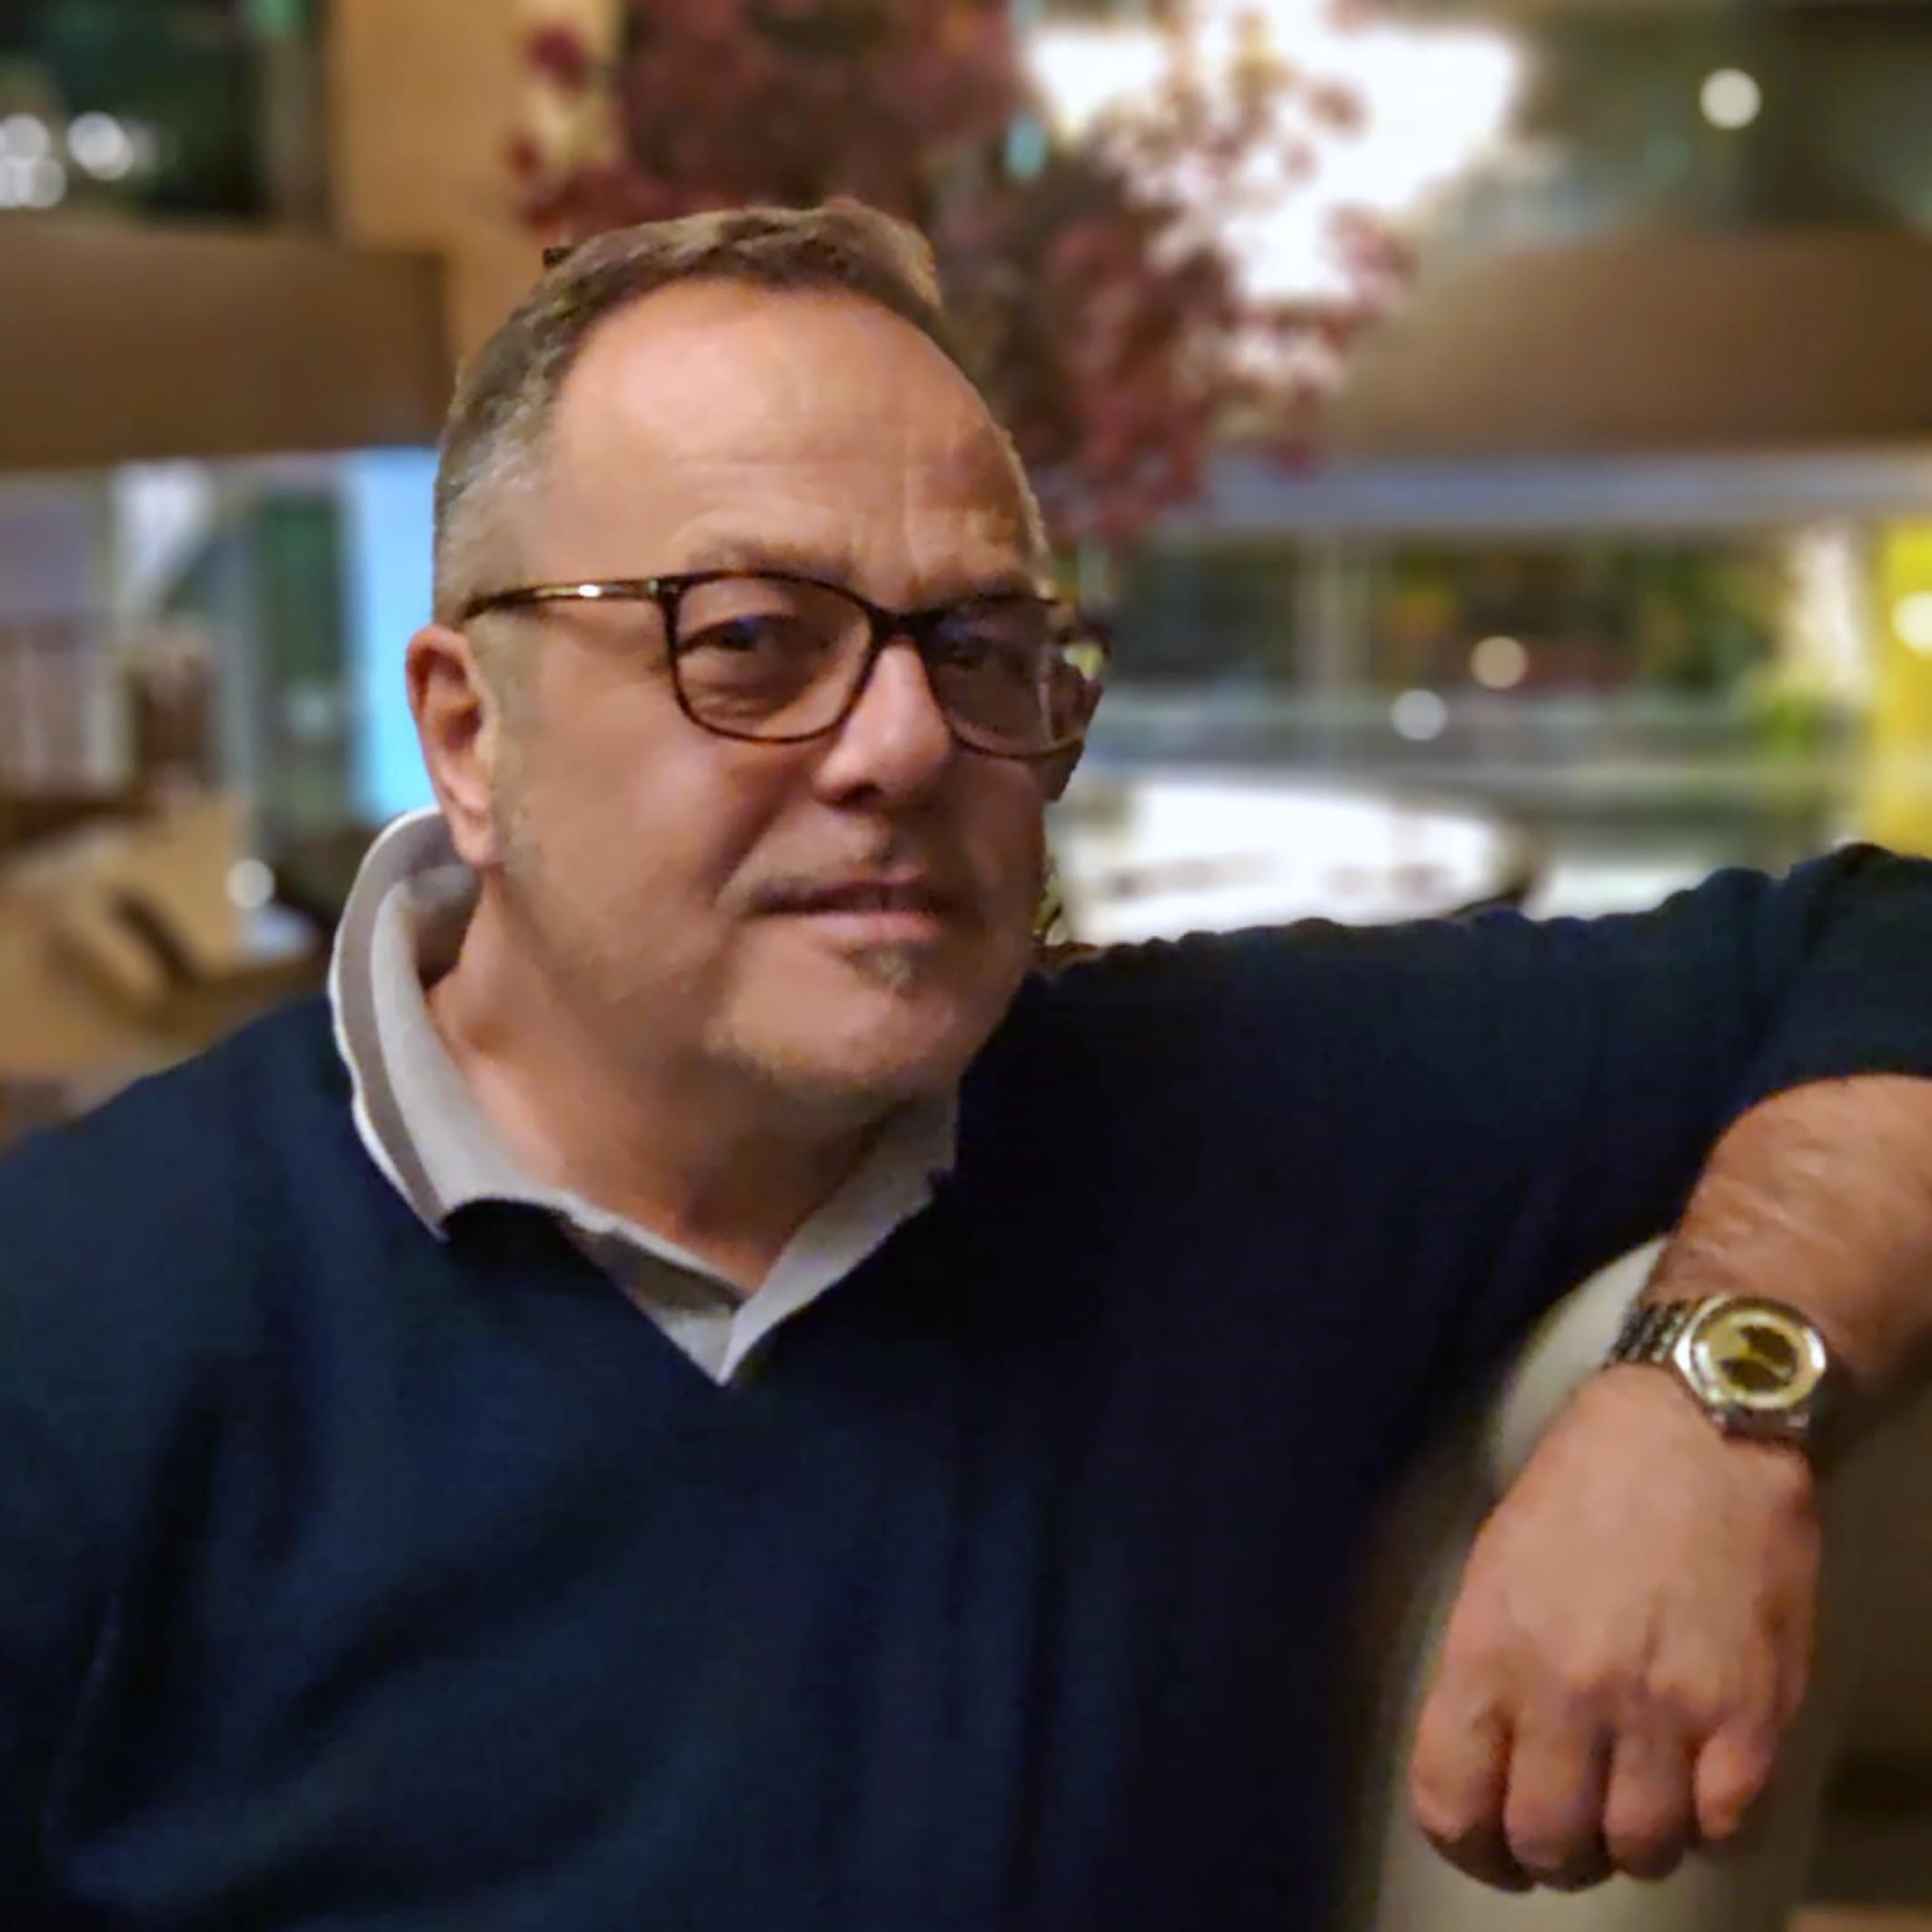 La Fundación Internacional Alfredo Kraus culmina sus actividades de 2020 con el 'Workshop Fiak' y la conferencia 'El joven Galdós y la ópera: del Cairasco al Real'